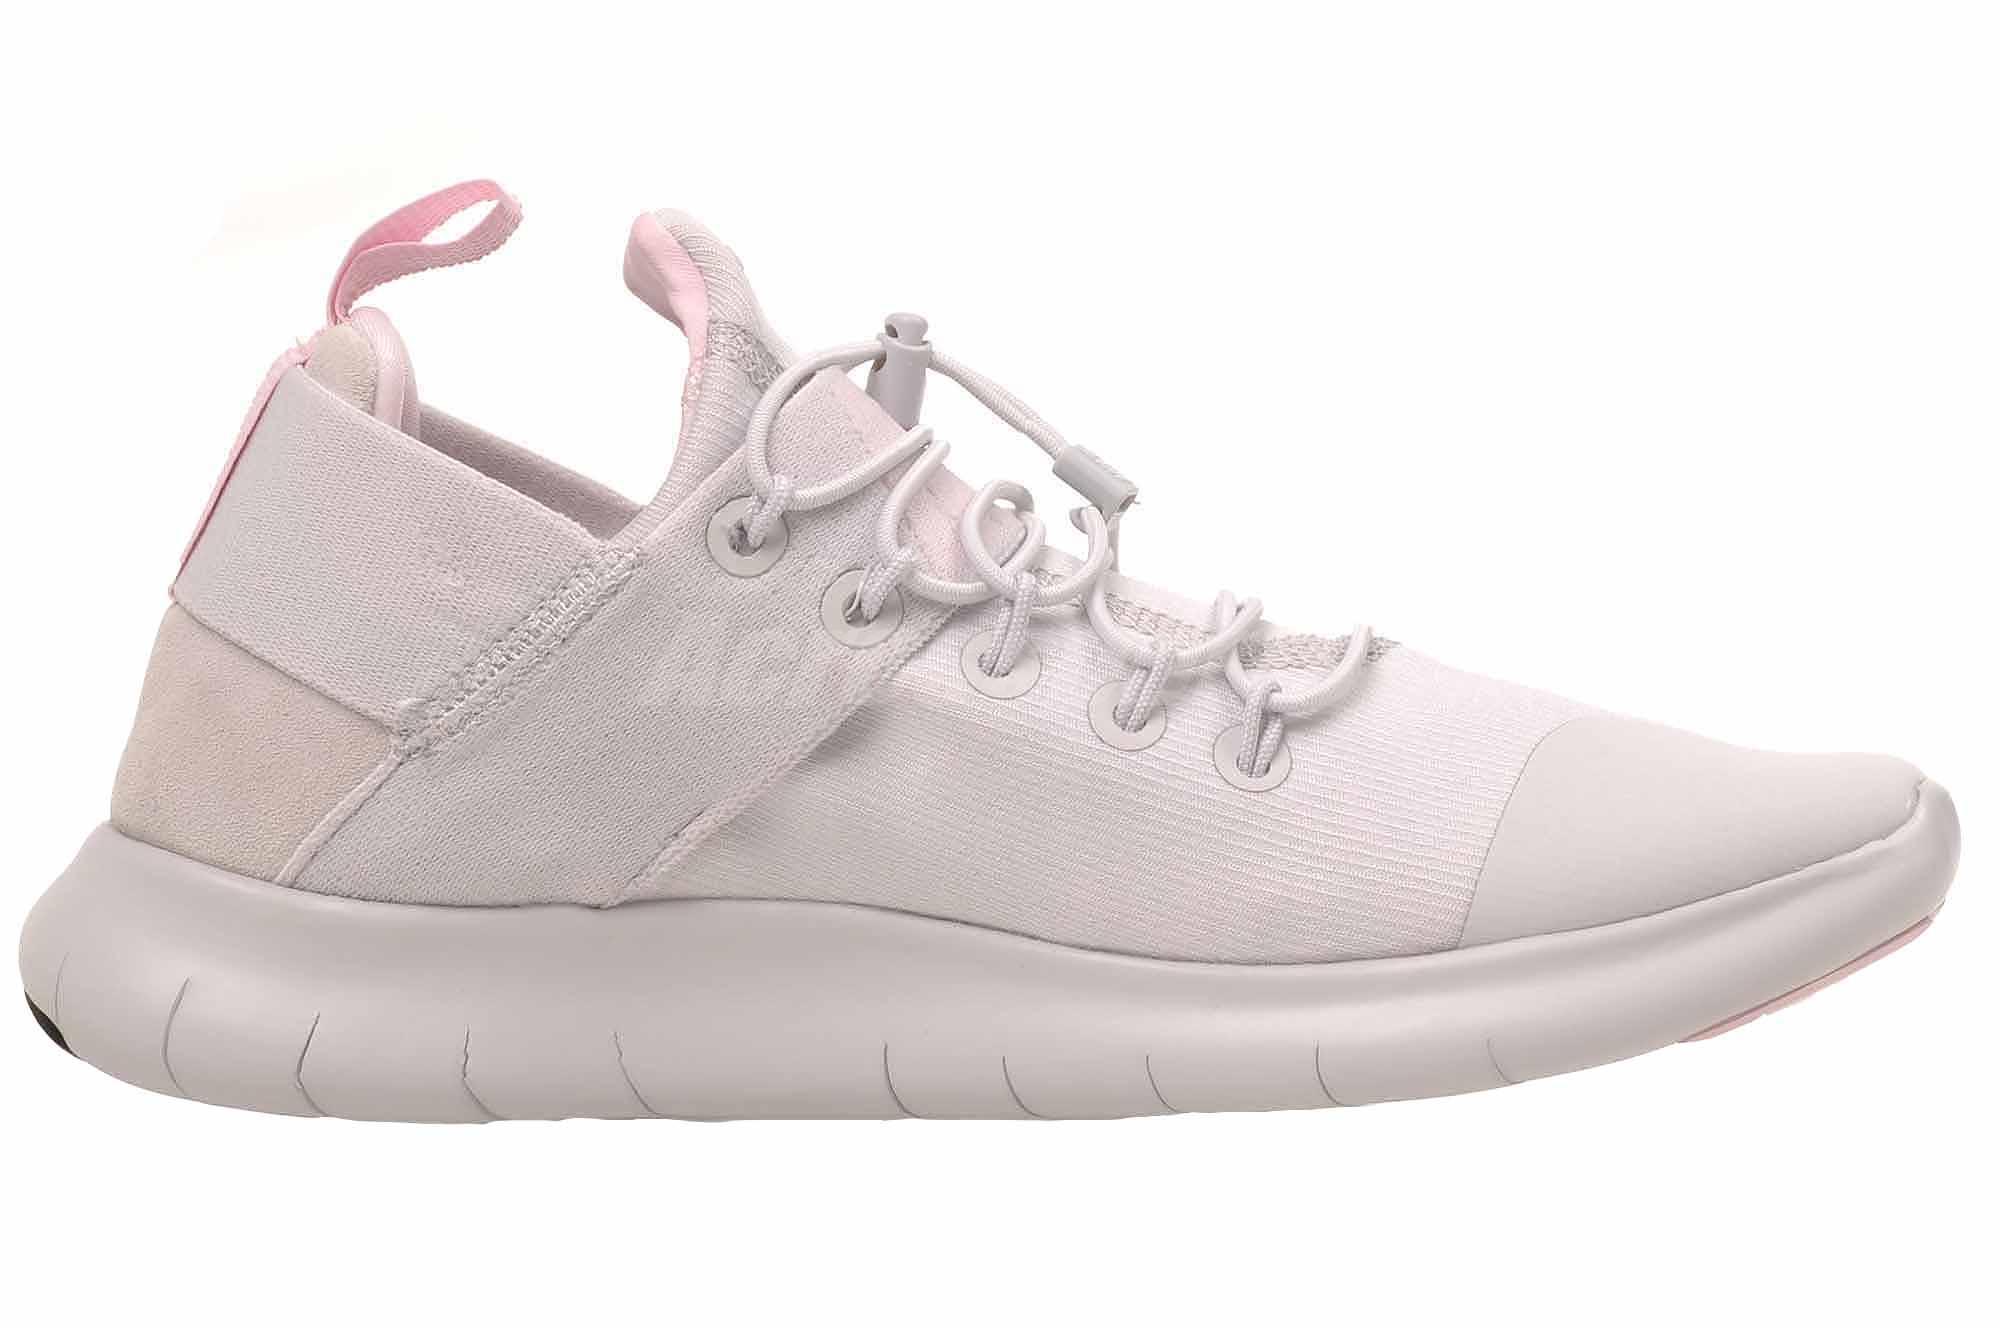 77529b20af76 Nike Wmns Free RN CMTR 2017 DX Running Womens Shoes Vast Grey AH8676 ...